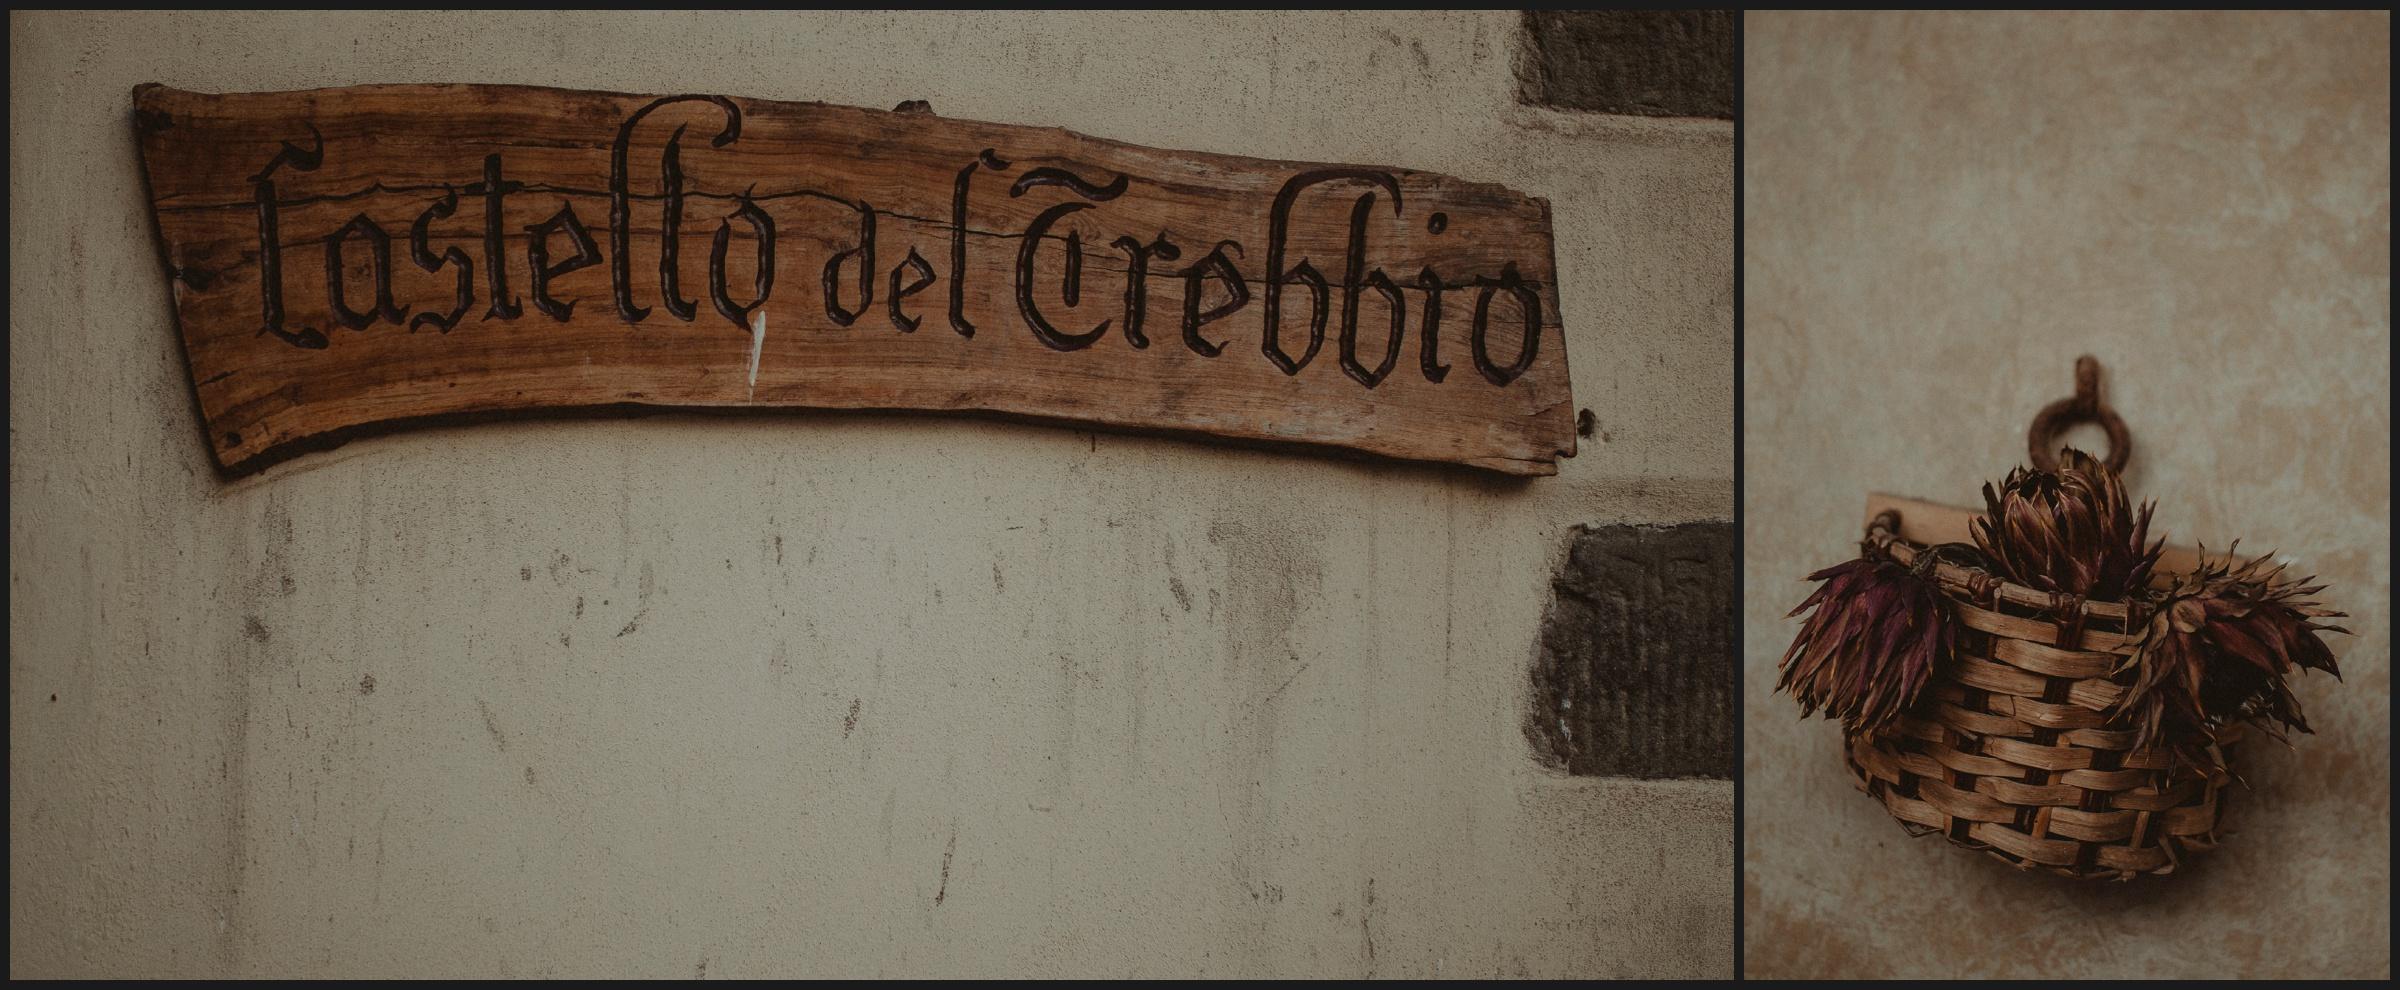 Castello del Trebbio details